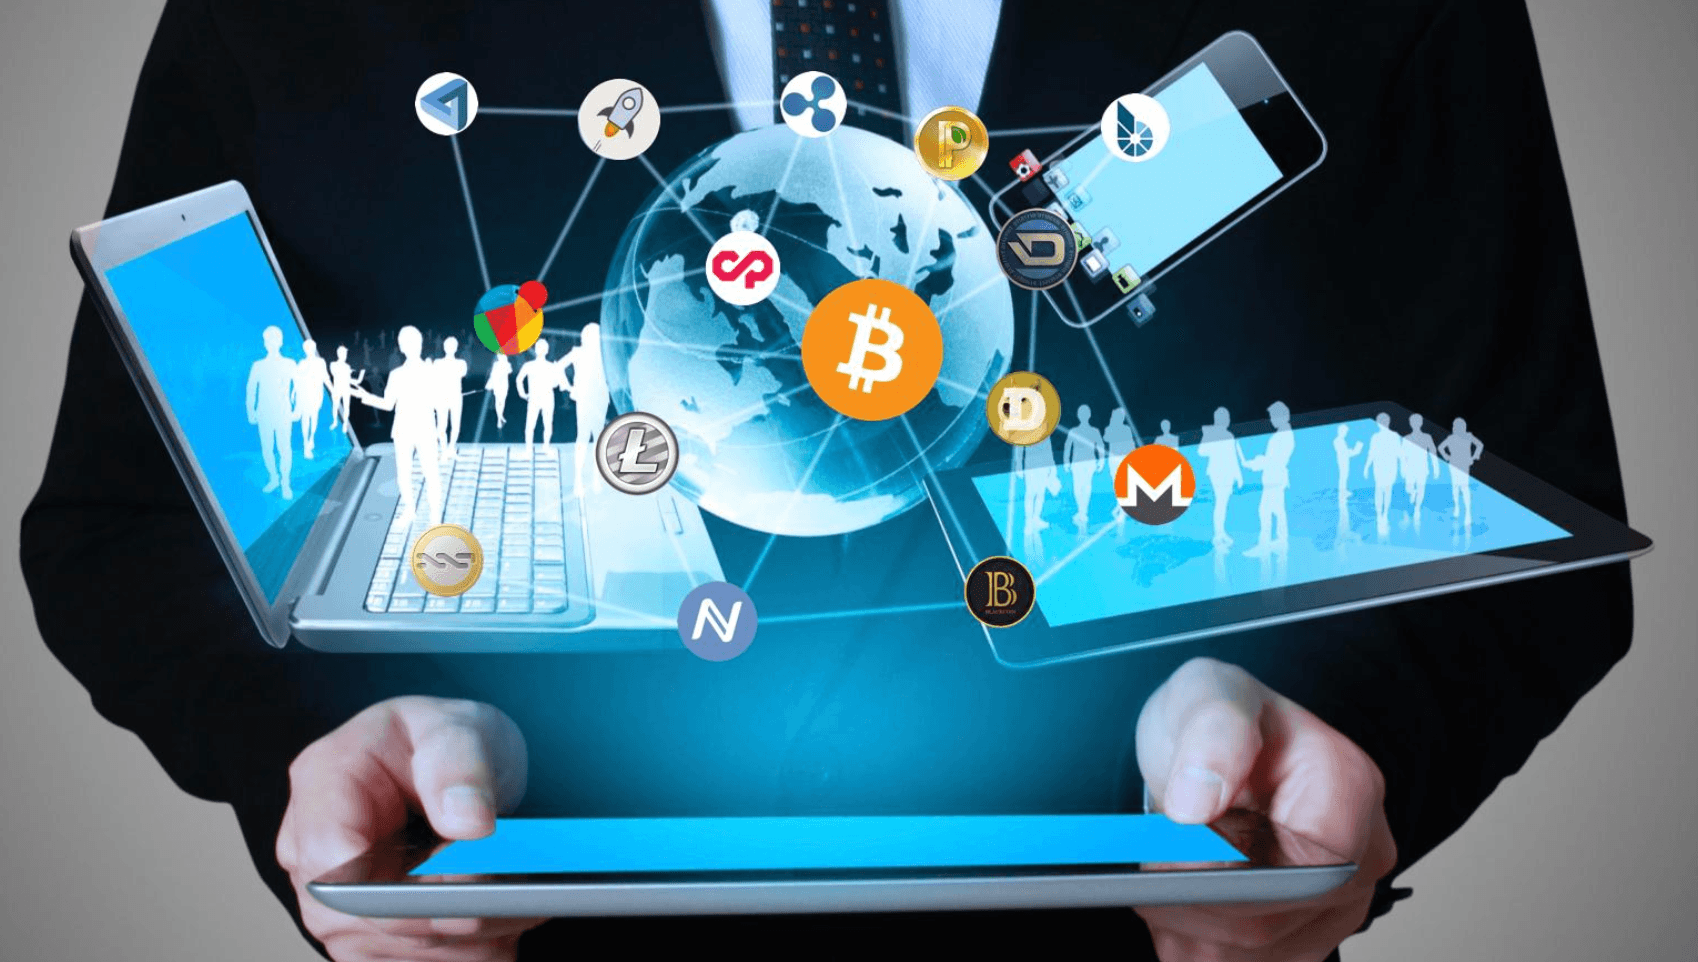 Molte criptovalute potrebbero raddoppiare di valore nel 2018? Previsioni a lungo termine